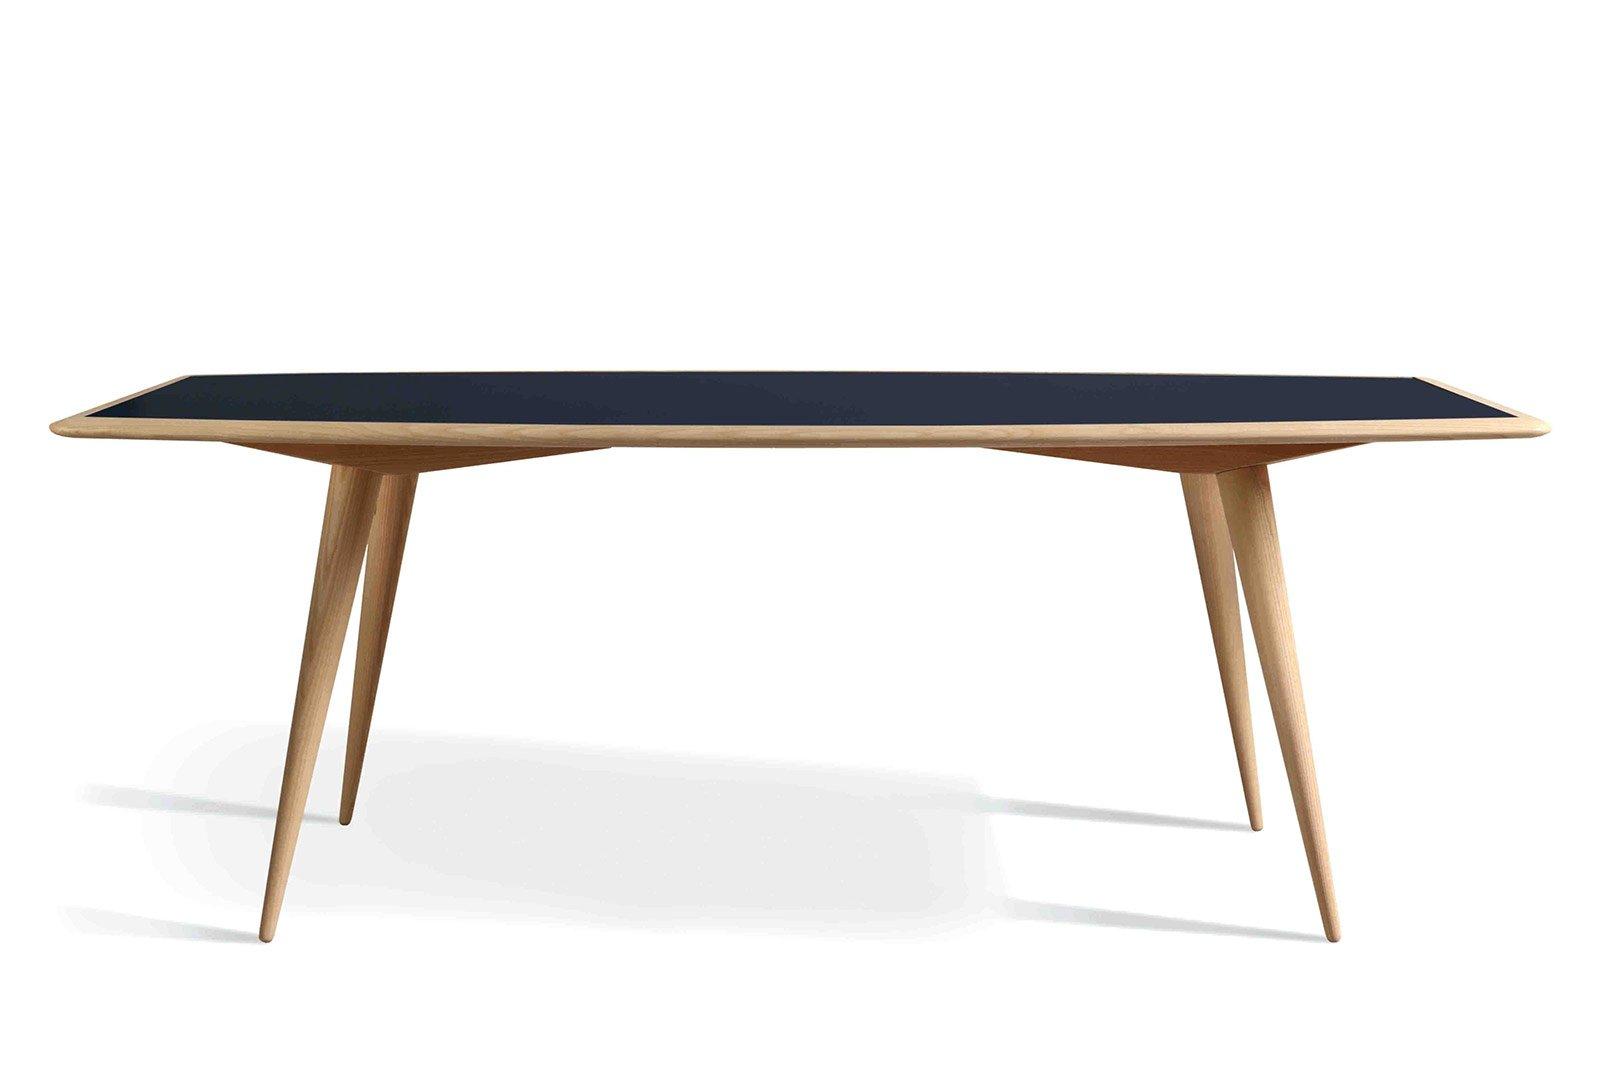 Tavolo in legno vintage moderno tradizionale cose di casa for Tavolo in legno moderno